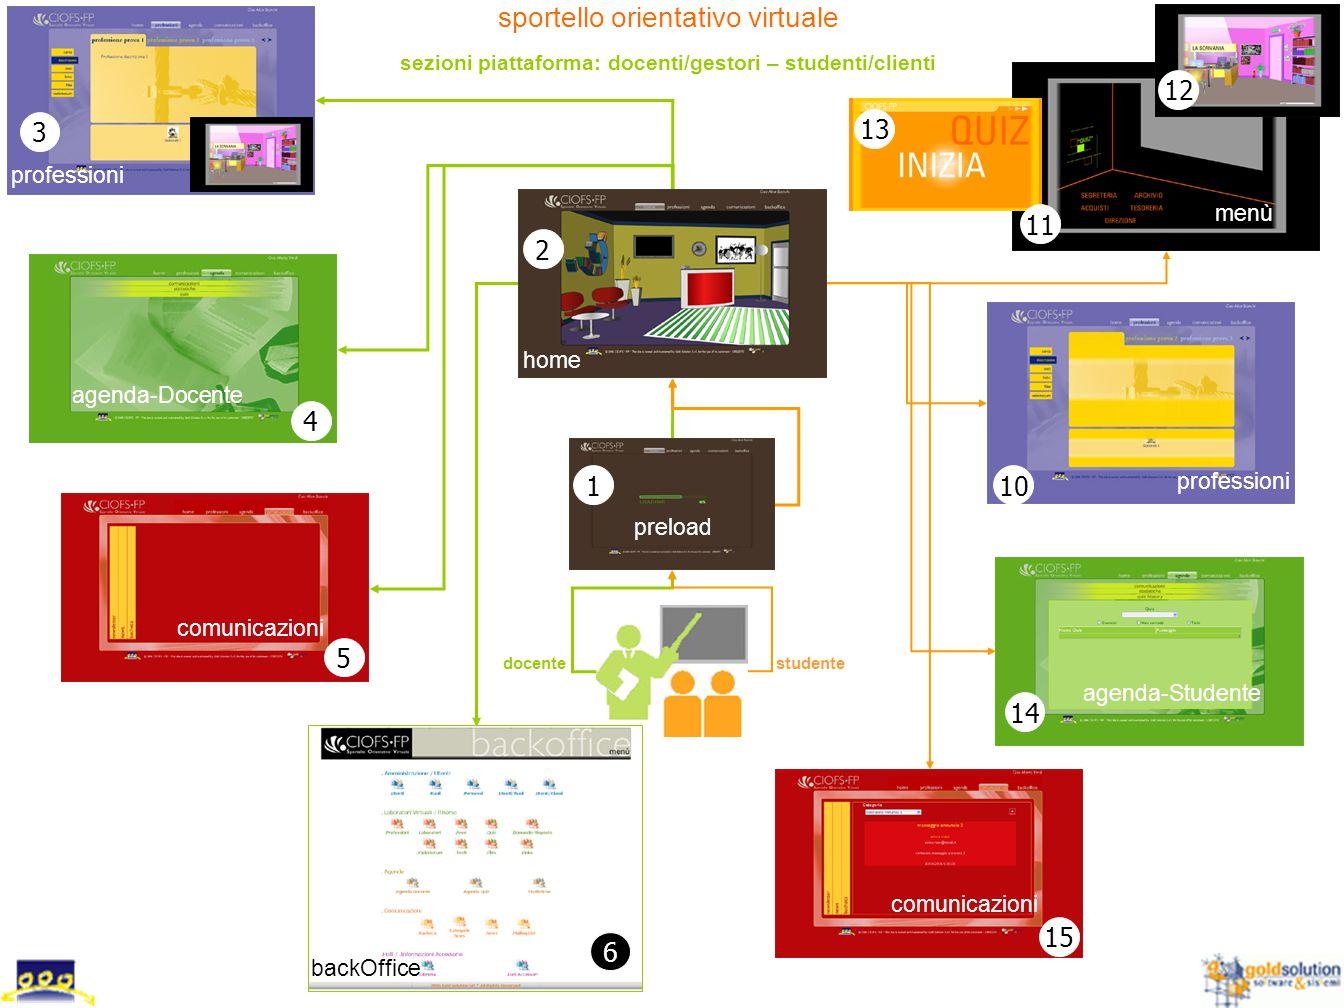 sportello orientativo virtuale sezioni piattaforma: docenti/gestori – studenti/clienti home agenda-Docente comunicazioni backOffice professioni labora